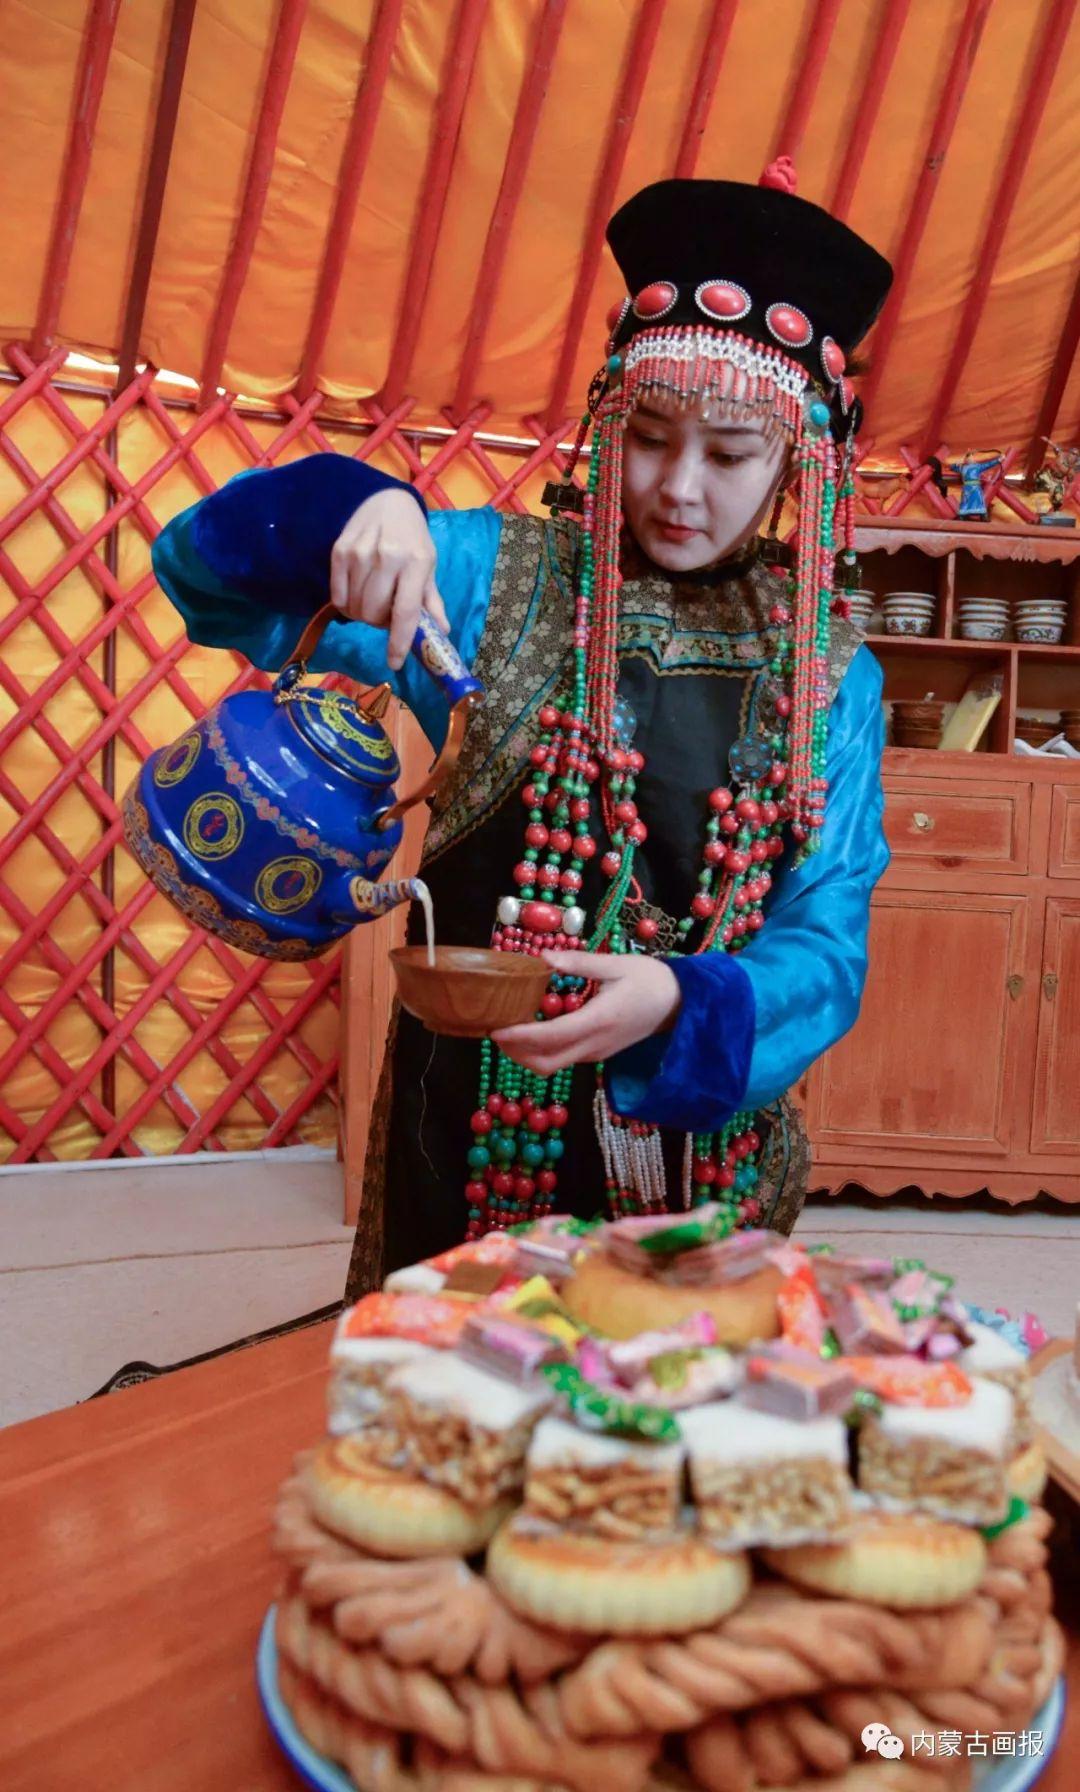 服饰之首——蒙古族冠帽 第19张